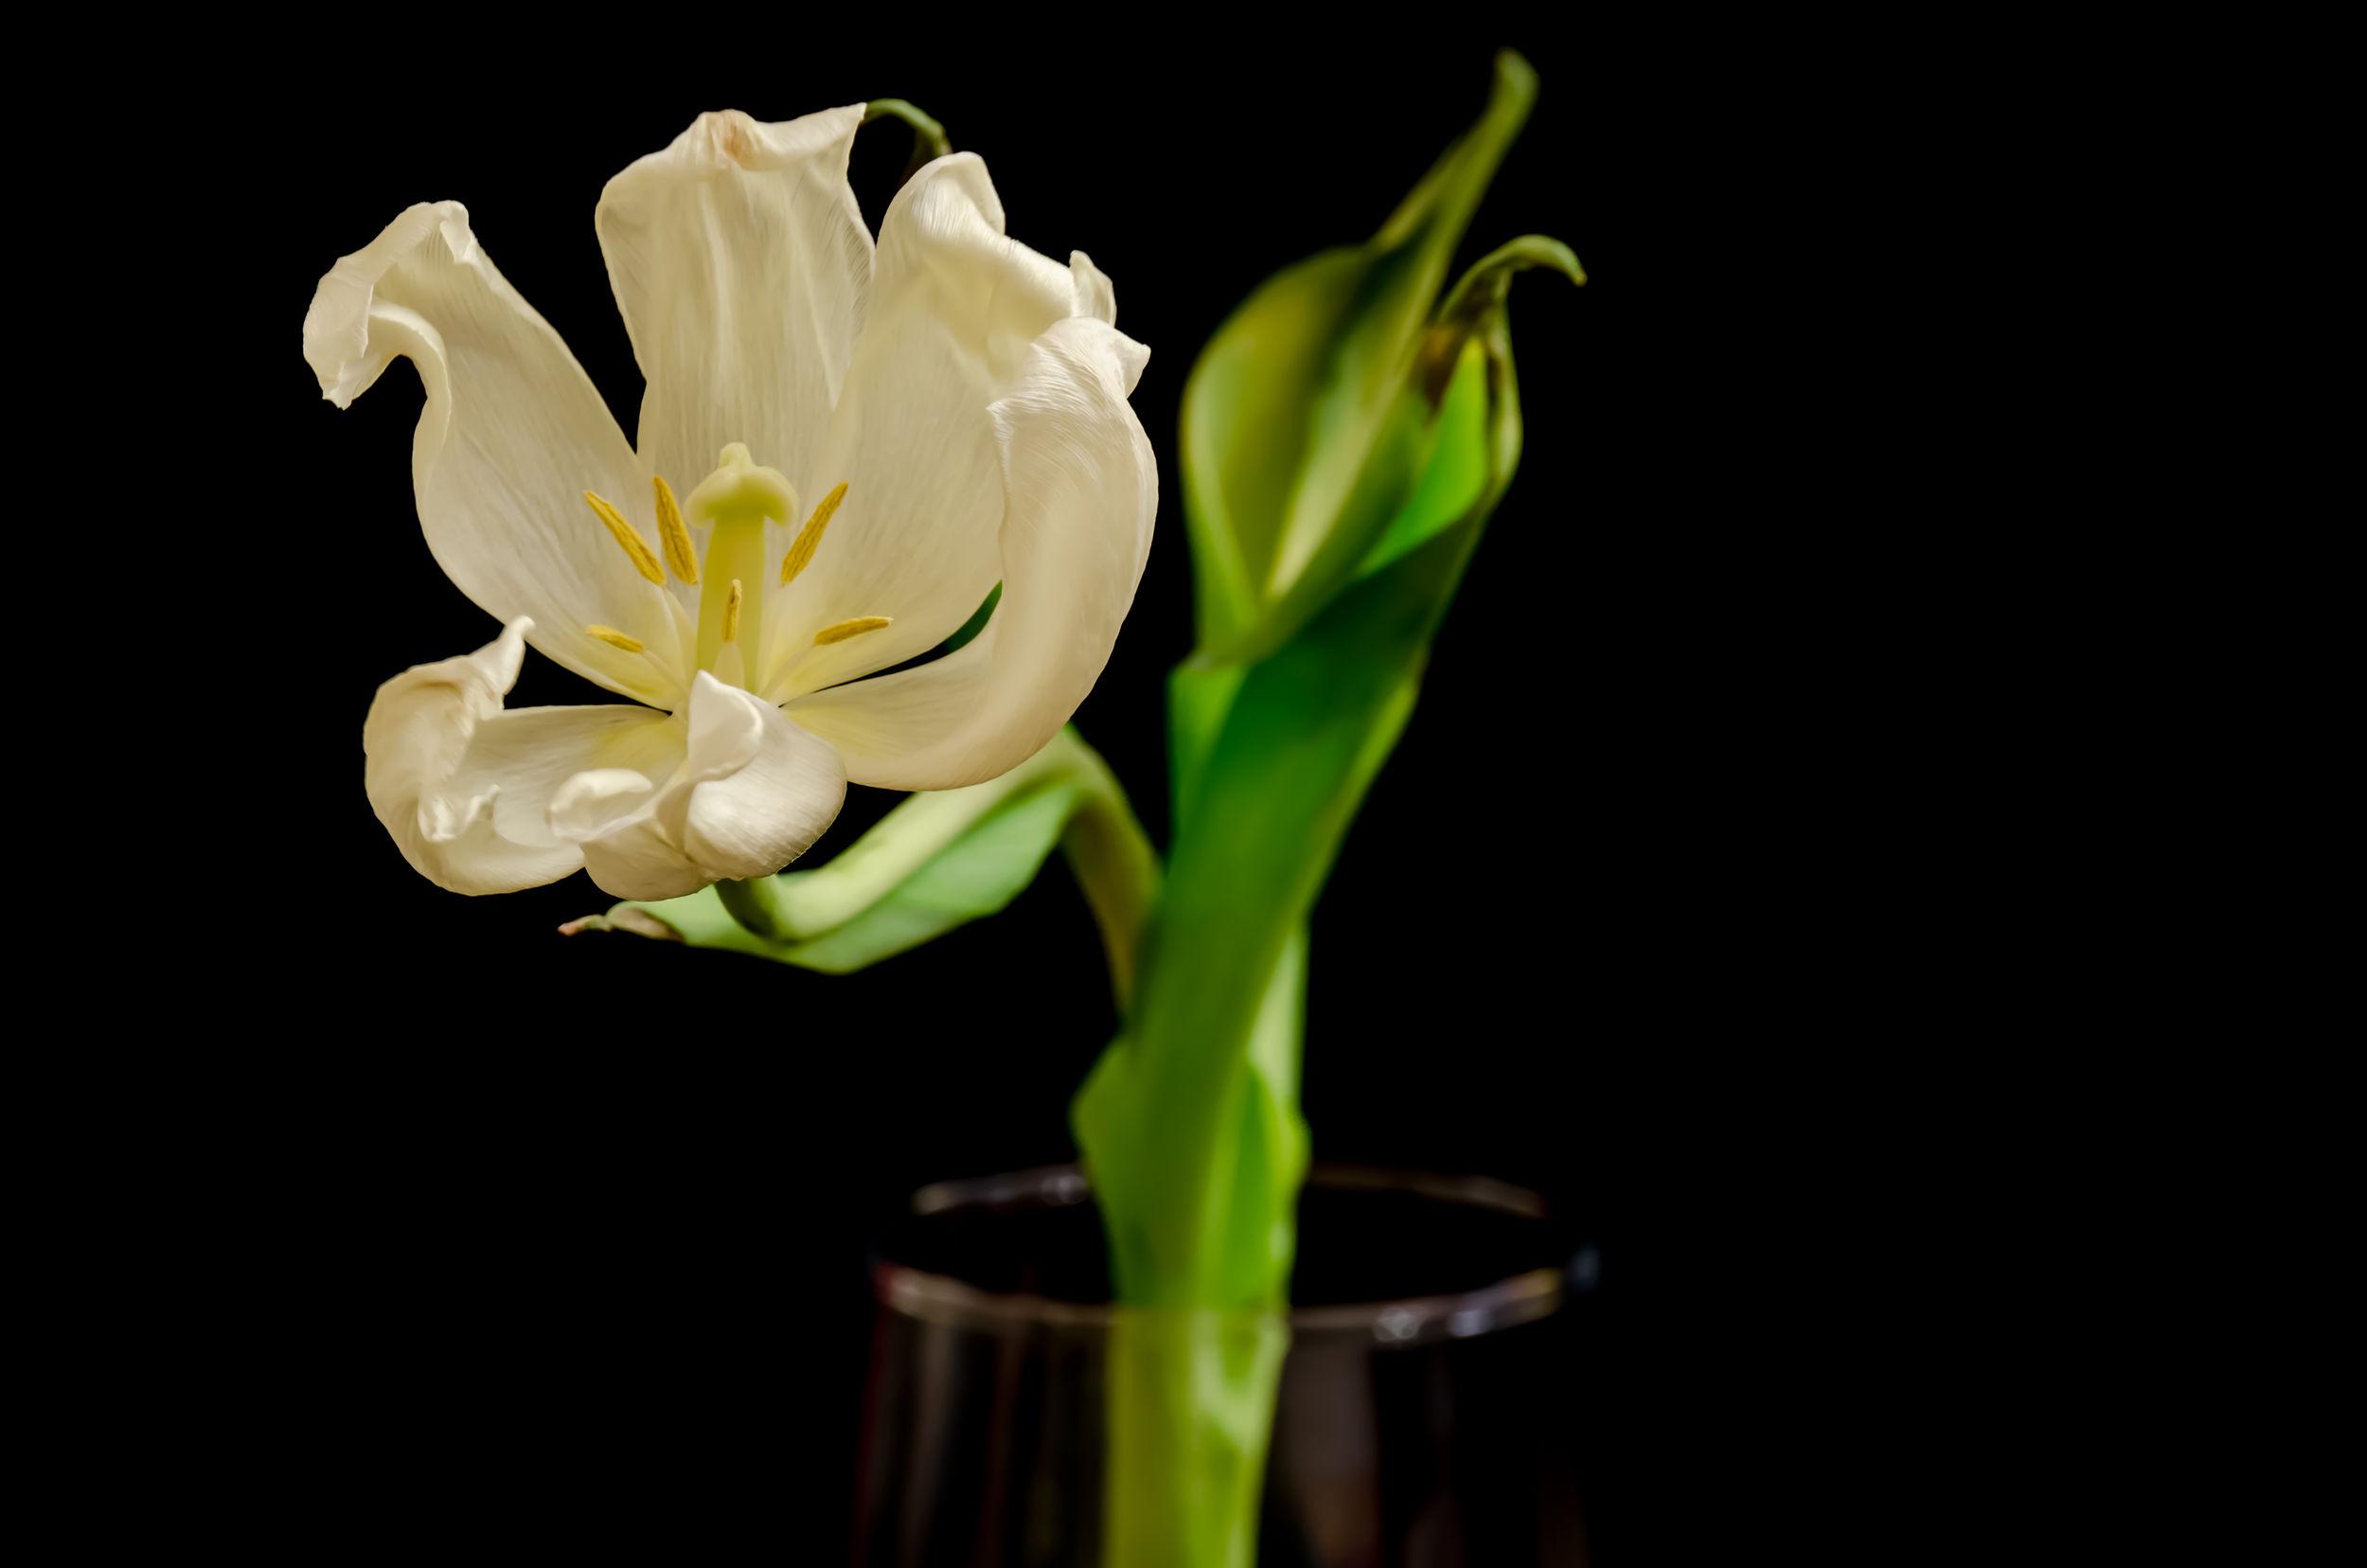 город тюльпаны увядшие фото специалистов для деятельности